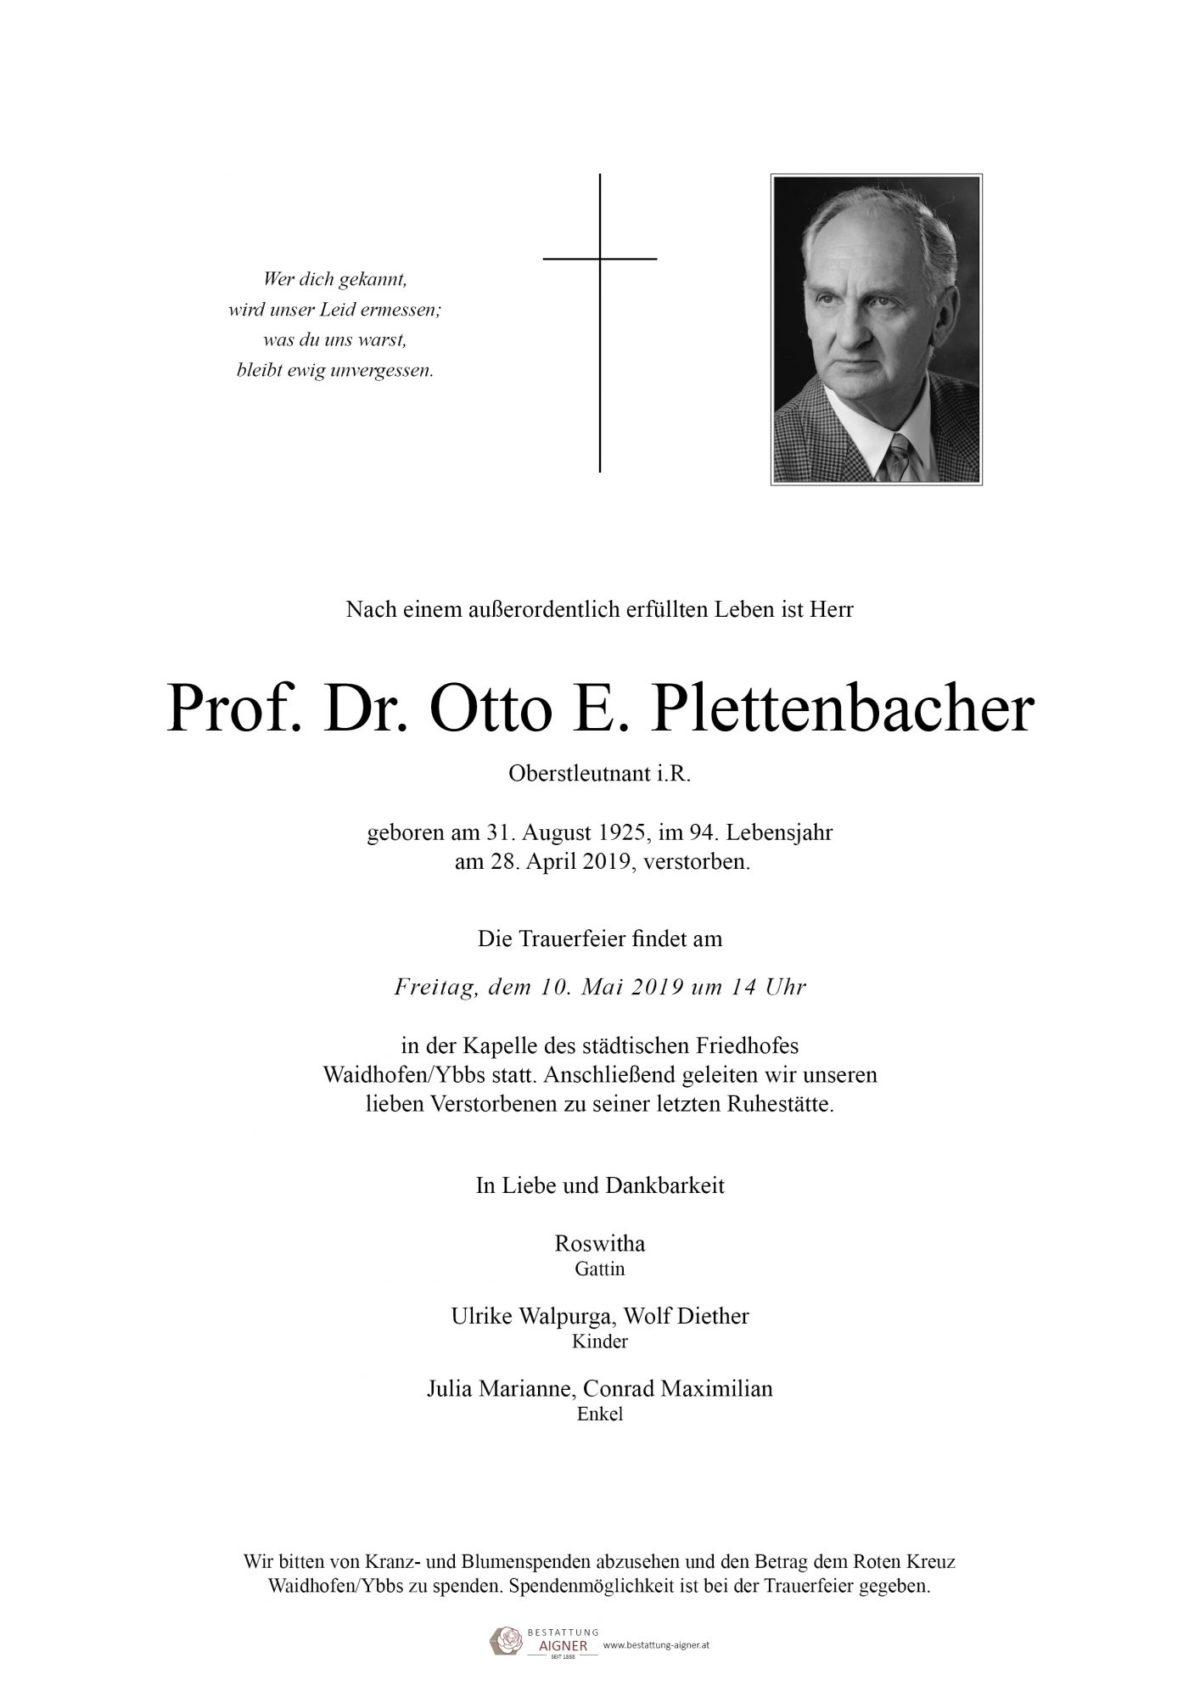 Prof. Dr. Otto Plettenbacher